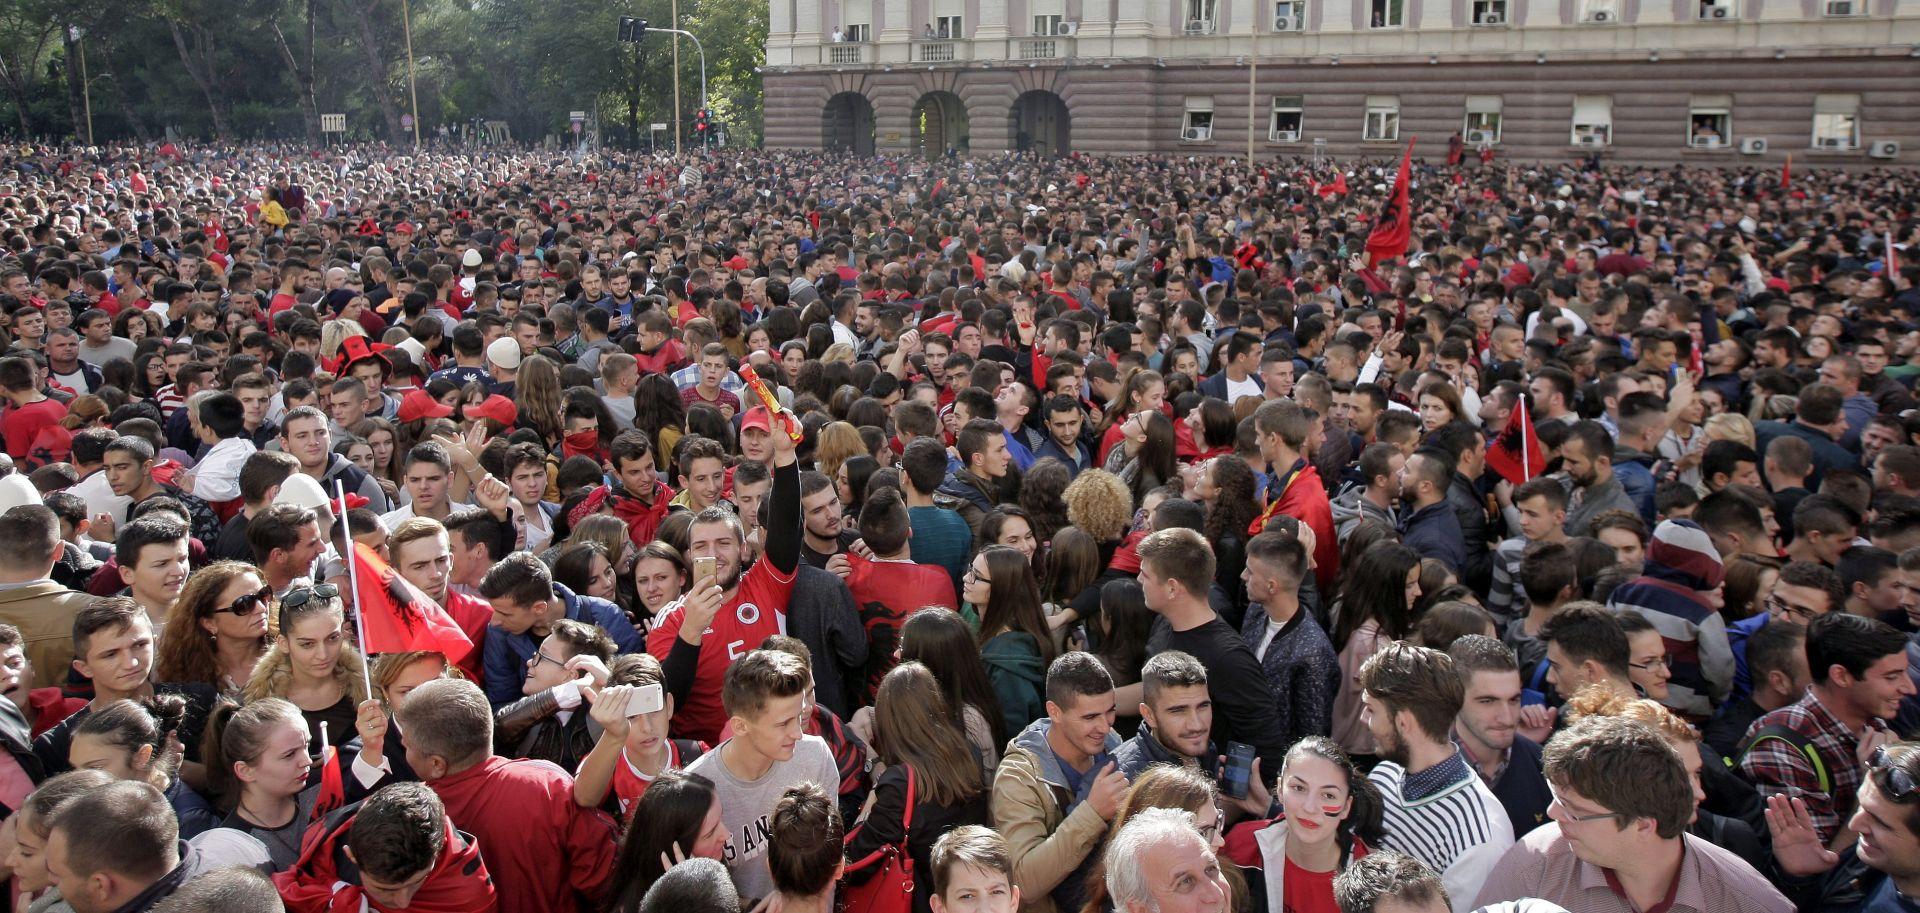 VIDEO: ALBANIJA DOČEKALA SVOJE HEROJE Reprezentativci odlikovani, Srbi pišu o namještenoj utakmici